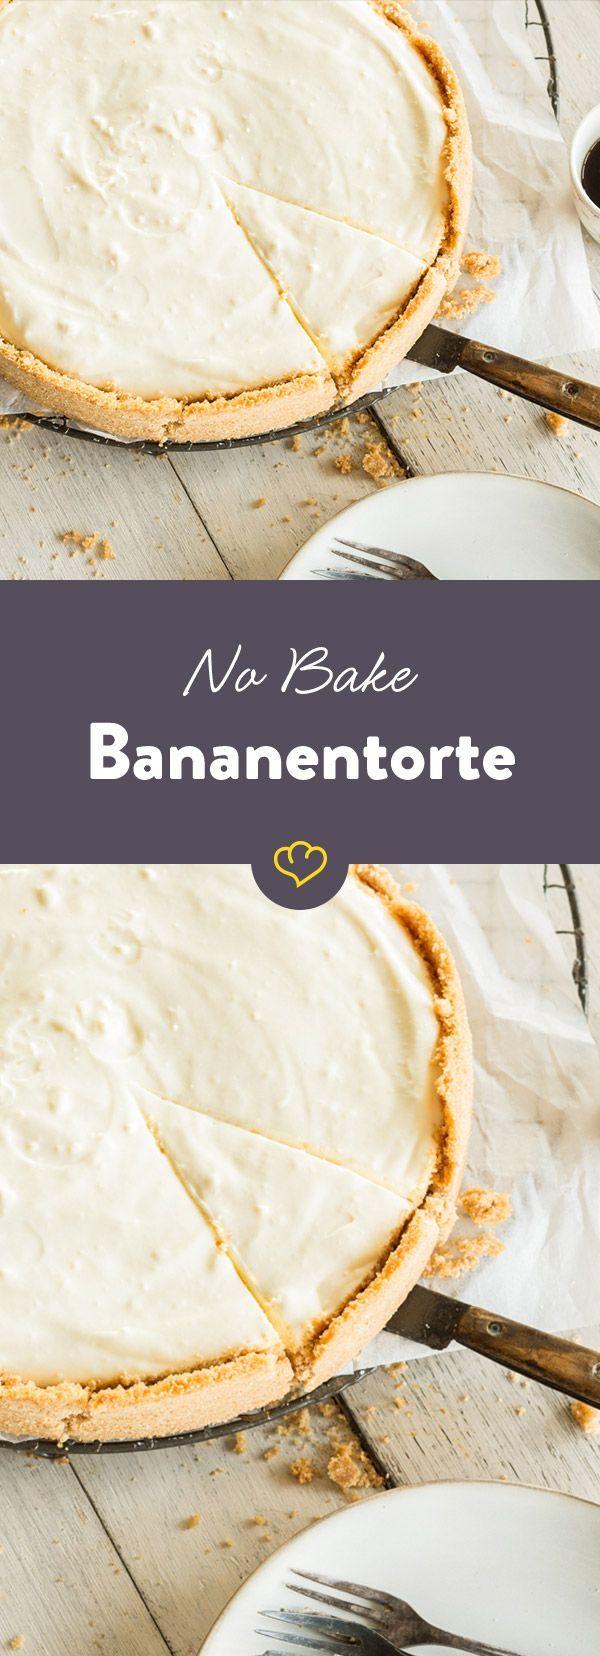 Crunchy Keksboden trifft fruchtige Bananencreme - dieser Tortentraum ist ruckzuck zusammengerührt, und das Beste - der Ofen kann dabei aus bleiben.